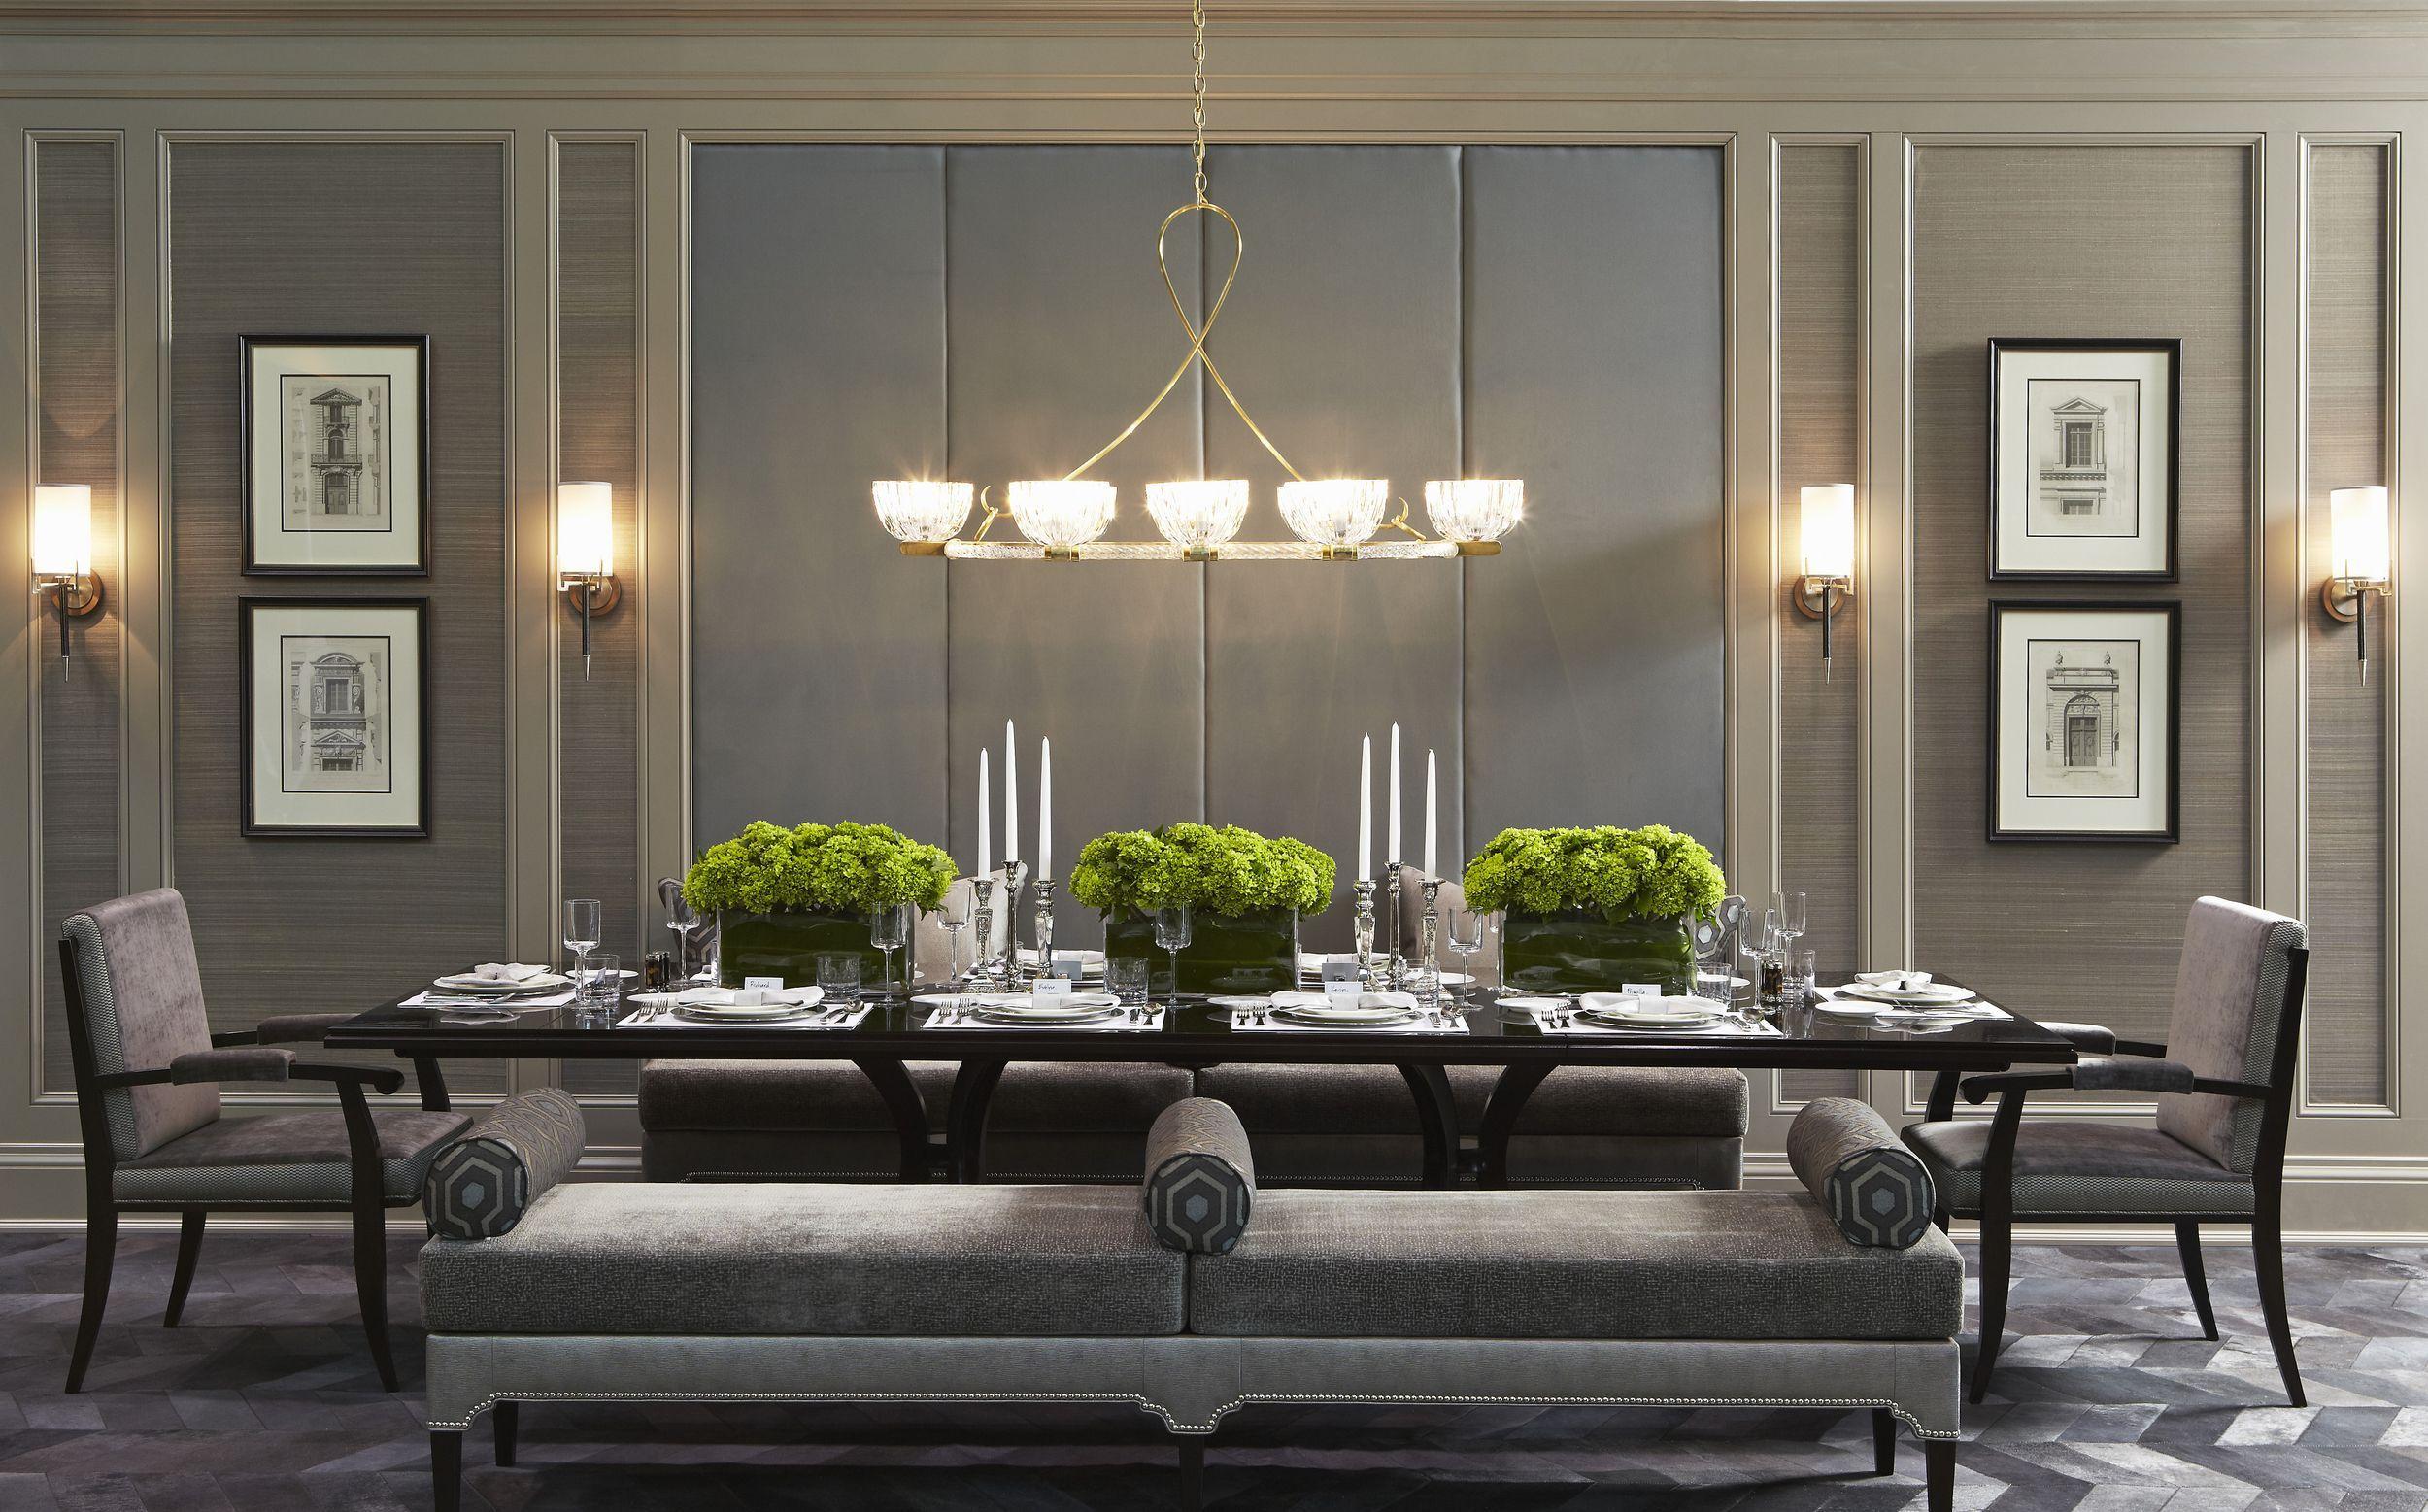 100 Modern Dining Tables Elegant Dining Room Dining Room Inspiration Dining Room Design